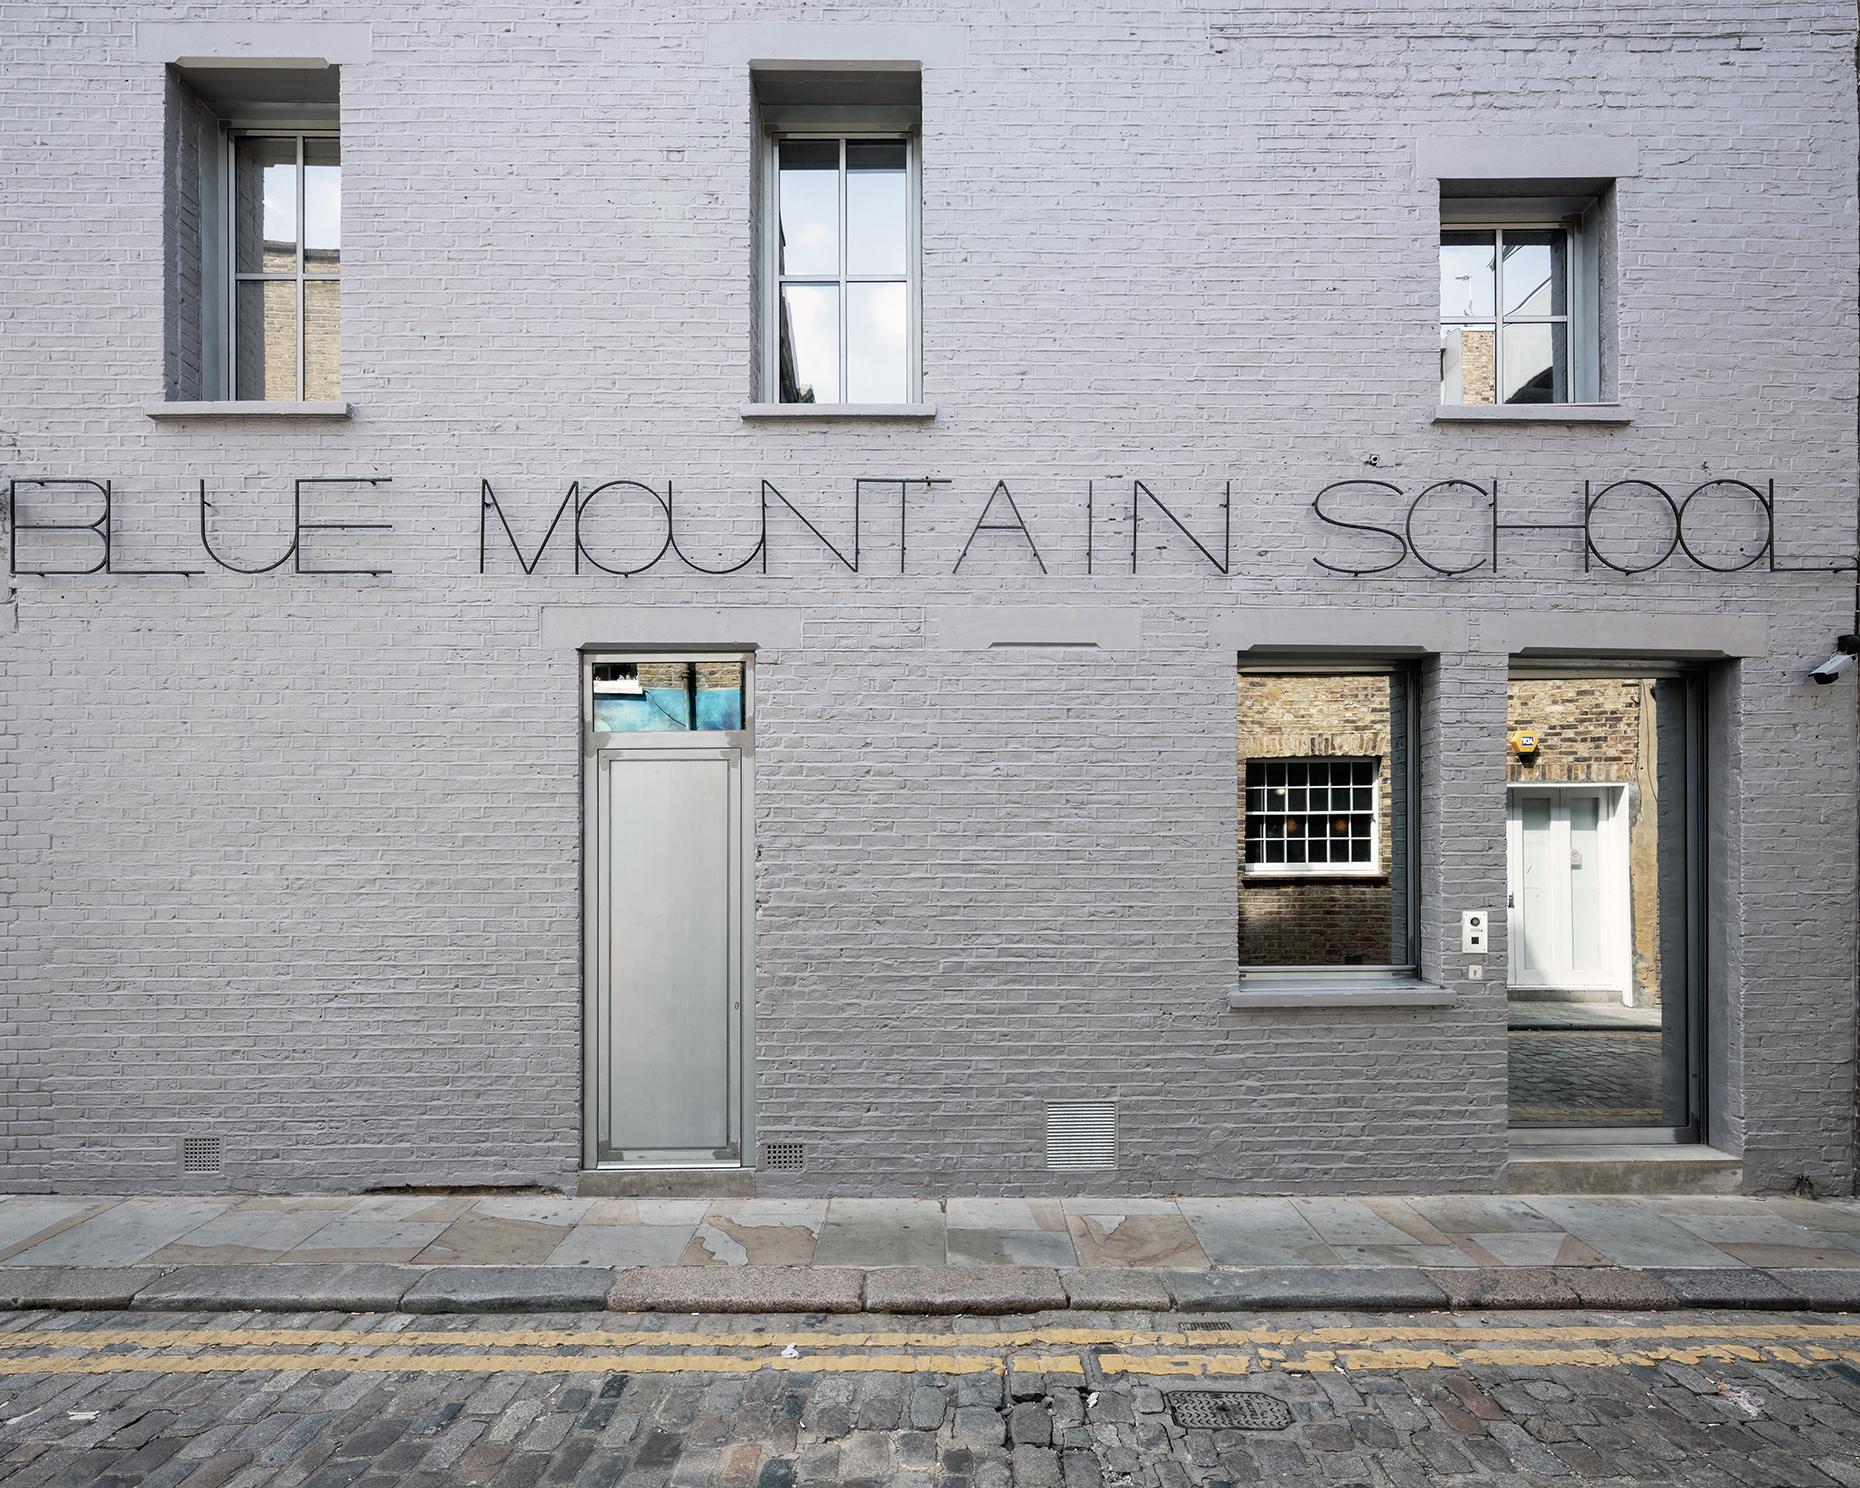 Blue_Mountain_School_3308624124.jpg